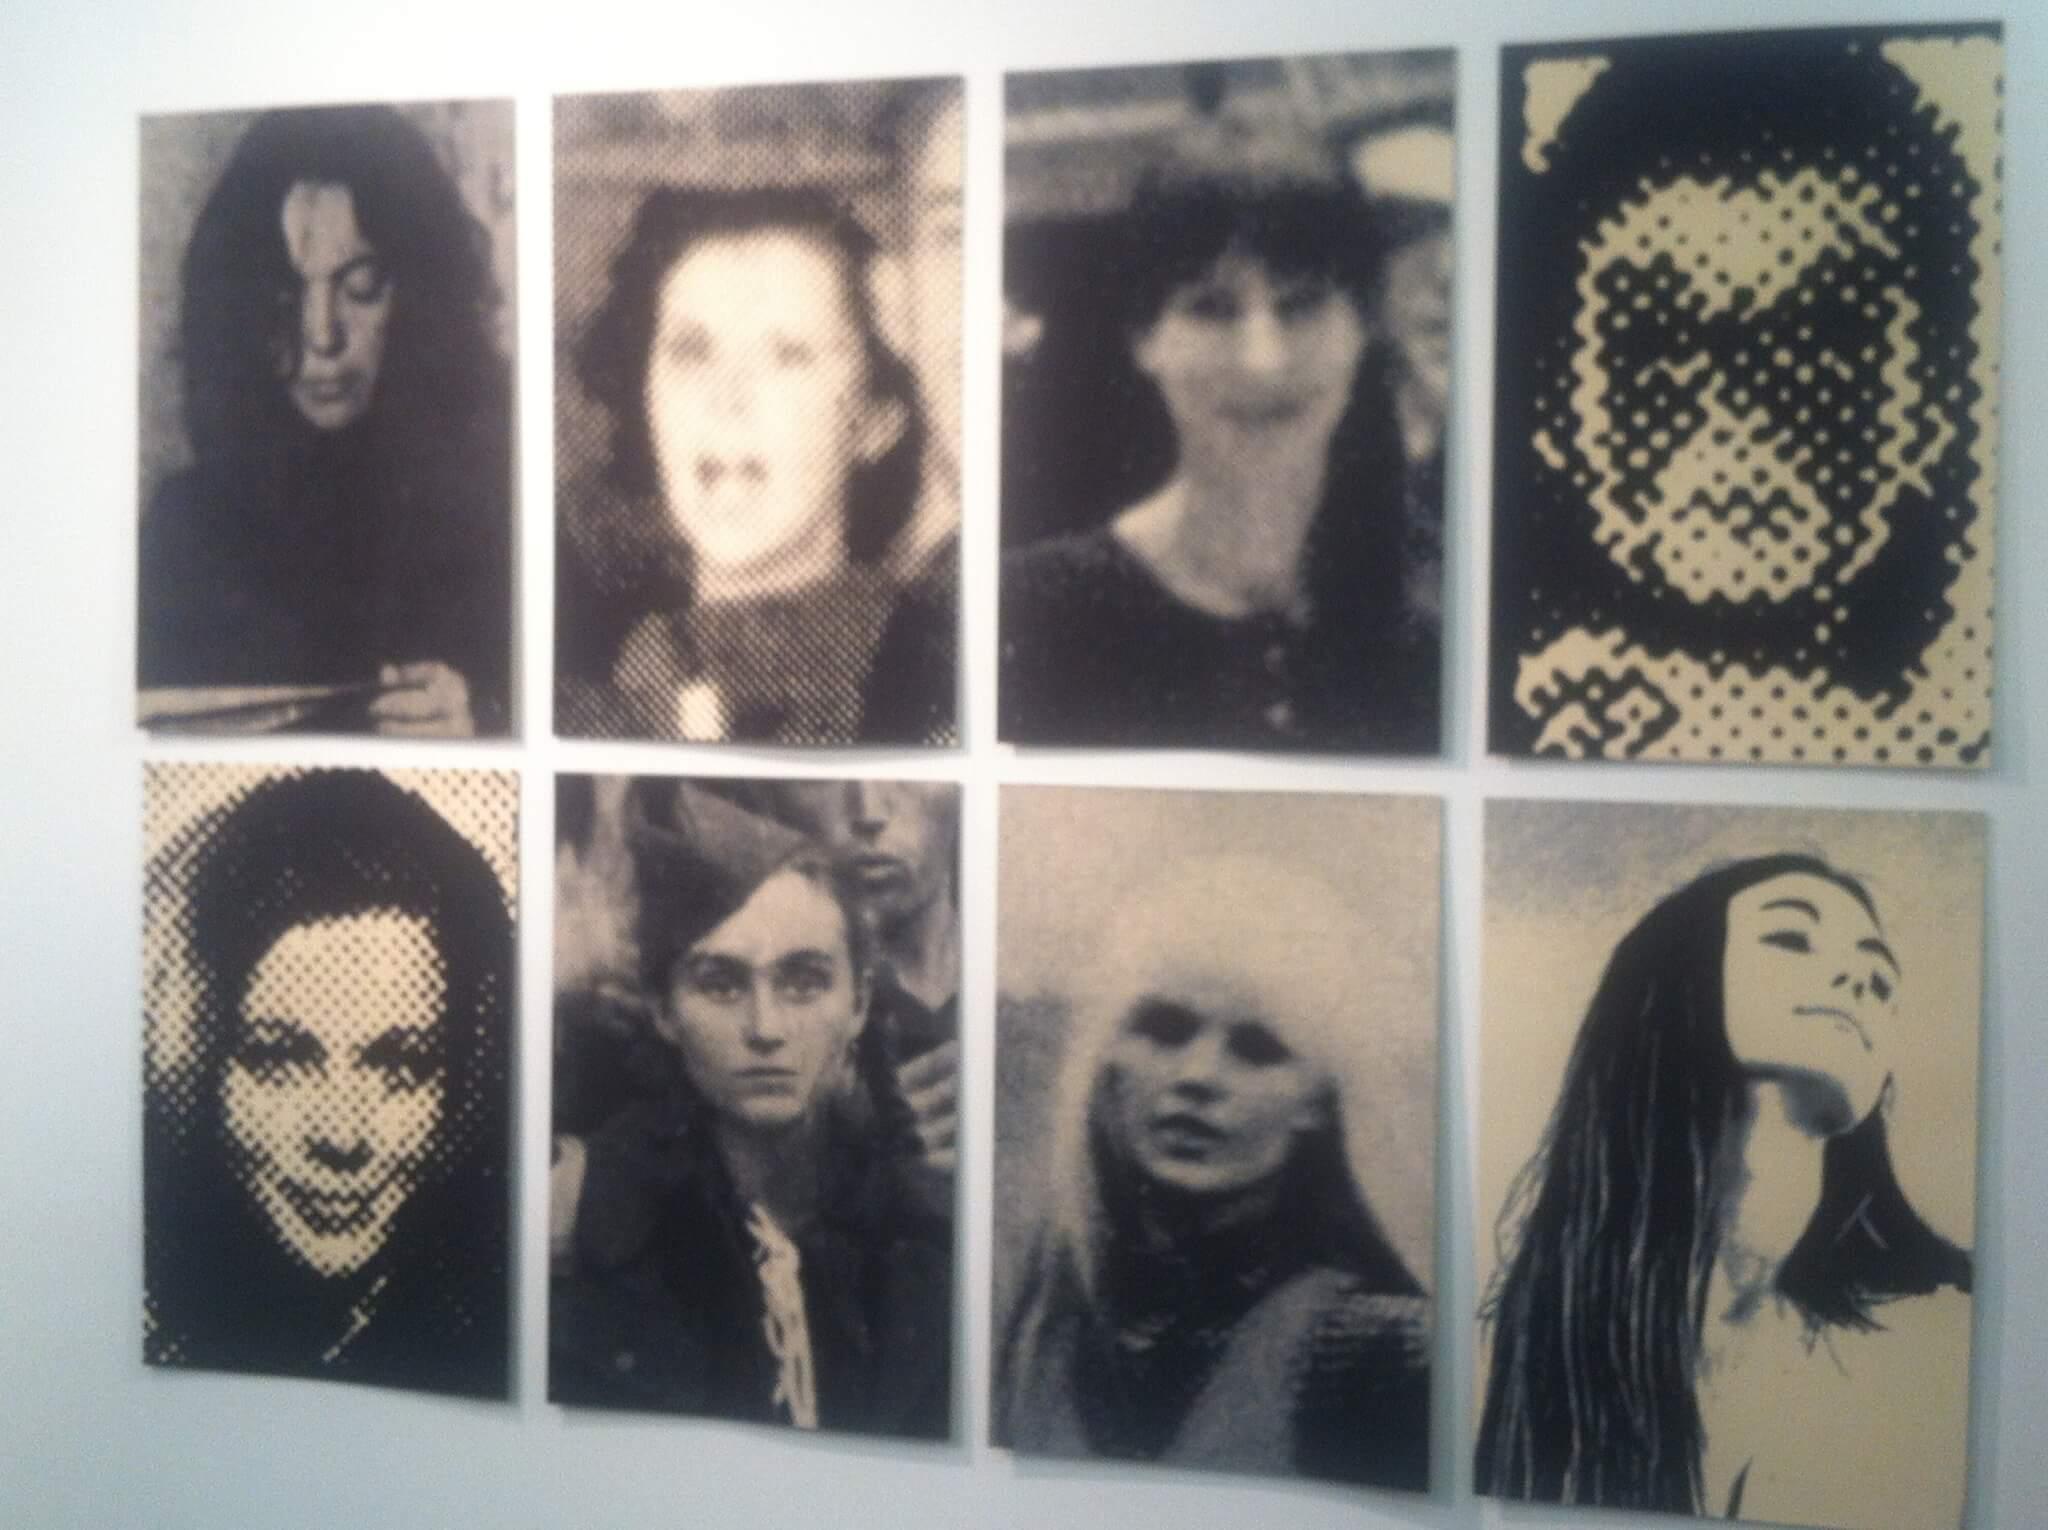 Exposición Arte y conspiración en el Met Breuer de NY - All City Canvas